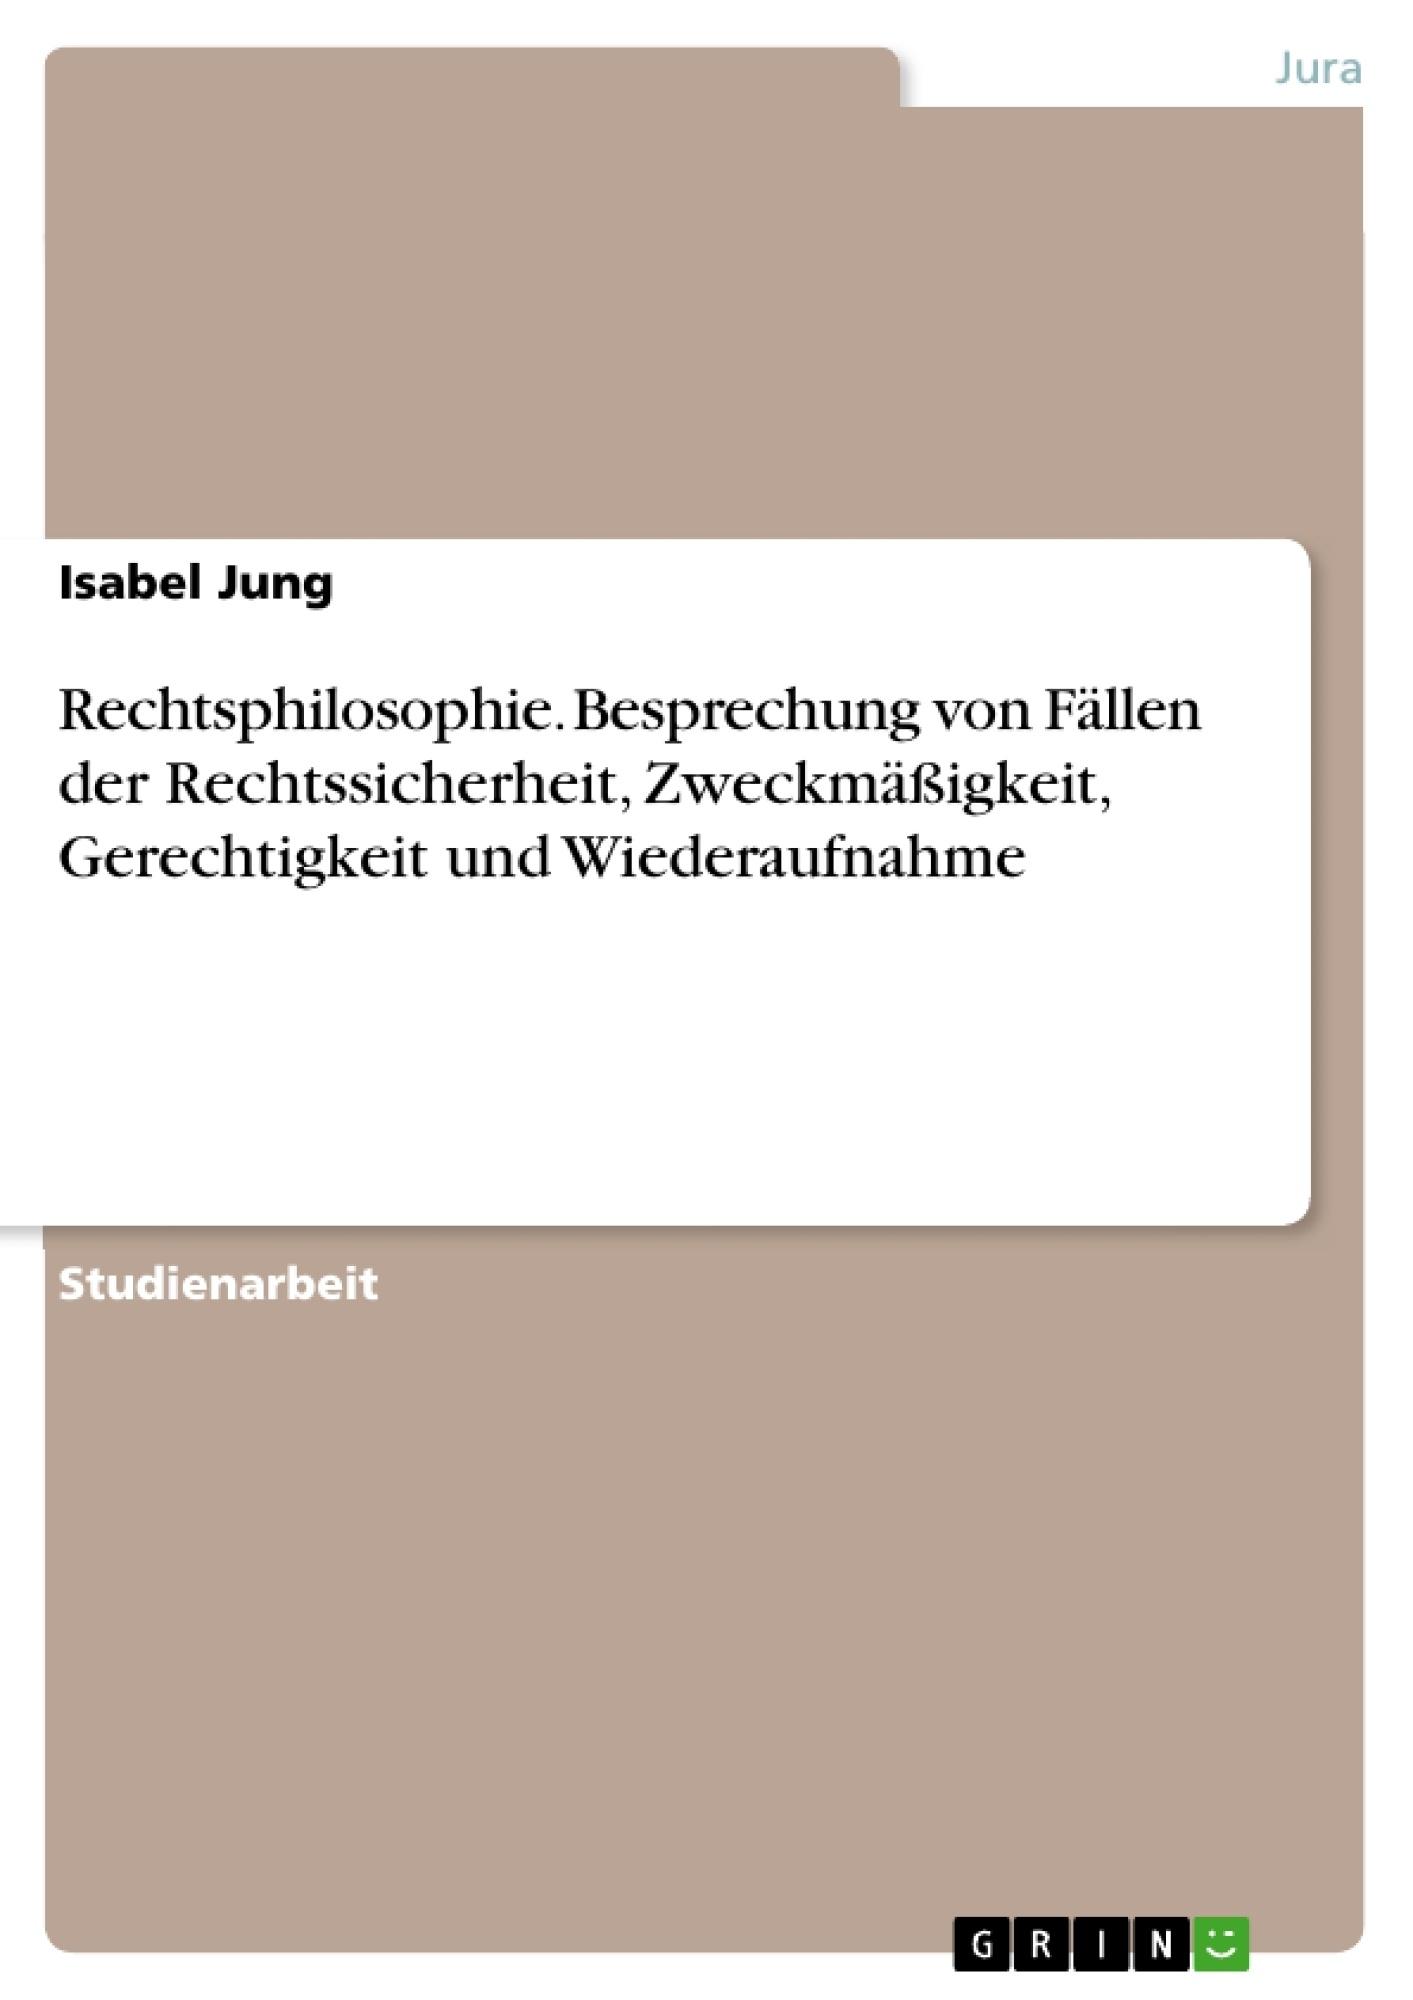 Titel: Rechtsphilosophie. Besprechung von Fällen der Rechtssicherheit, Zweckmäßigkeit, Gerechtigkeit und Wiederaufnahme